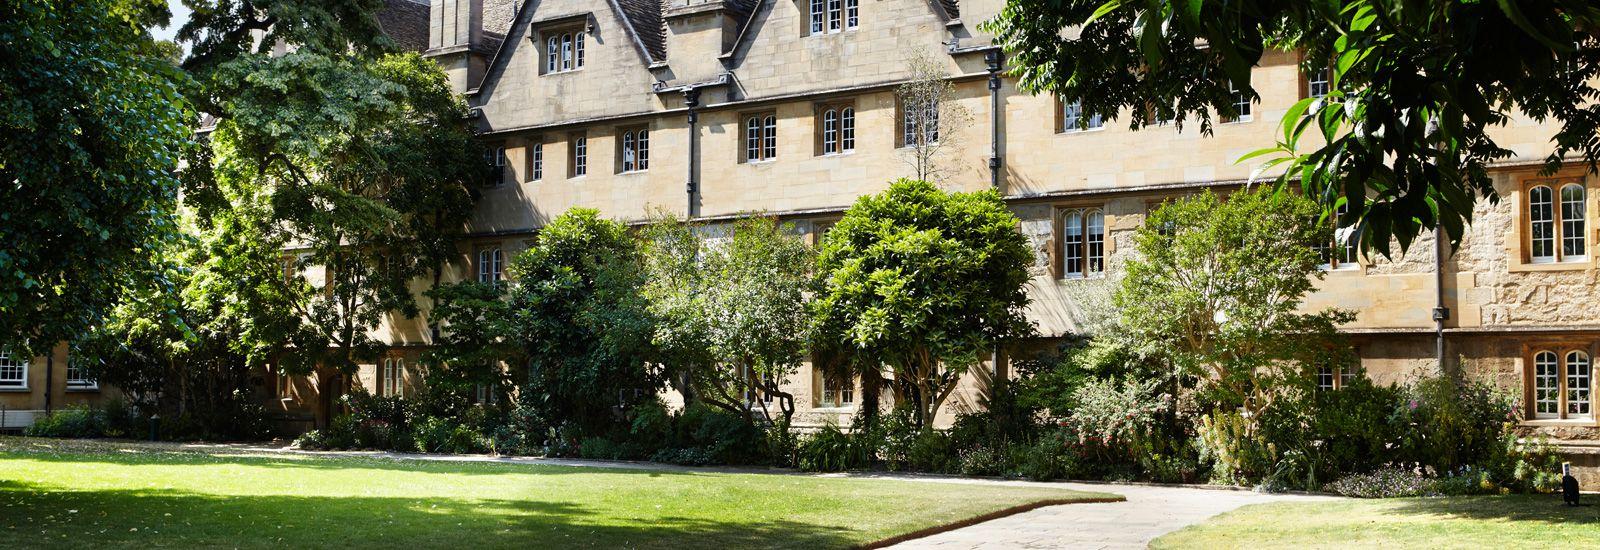 Wadham College Gardens